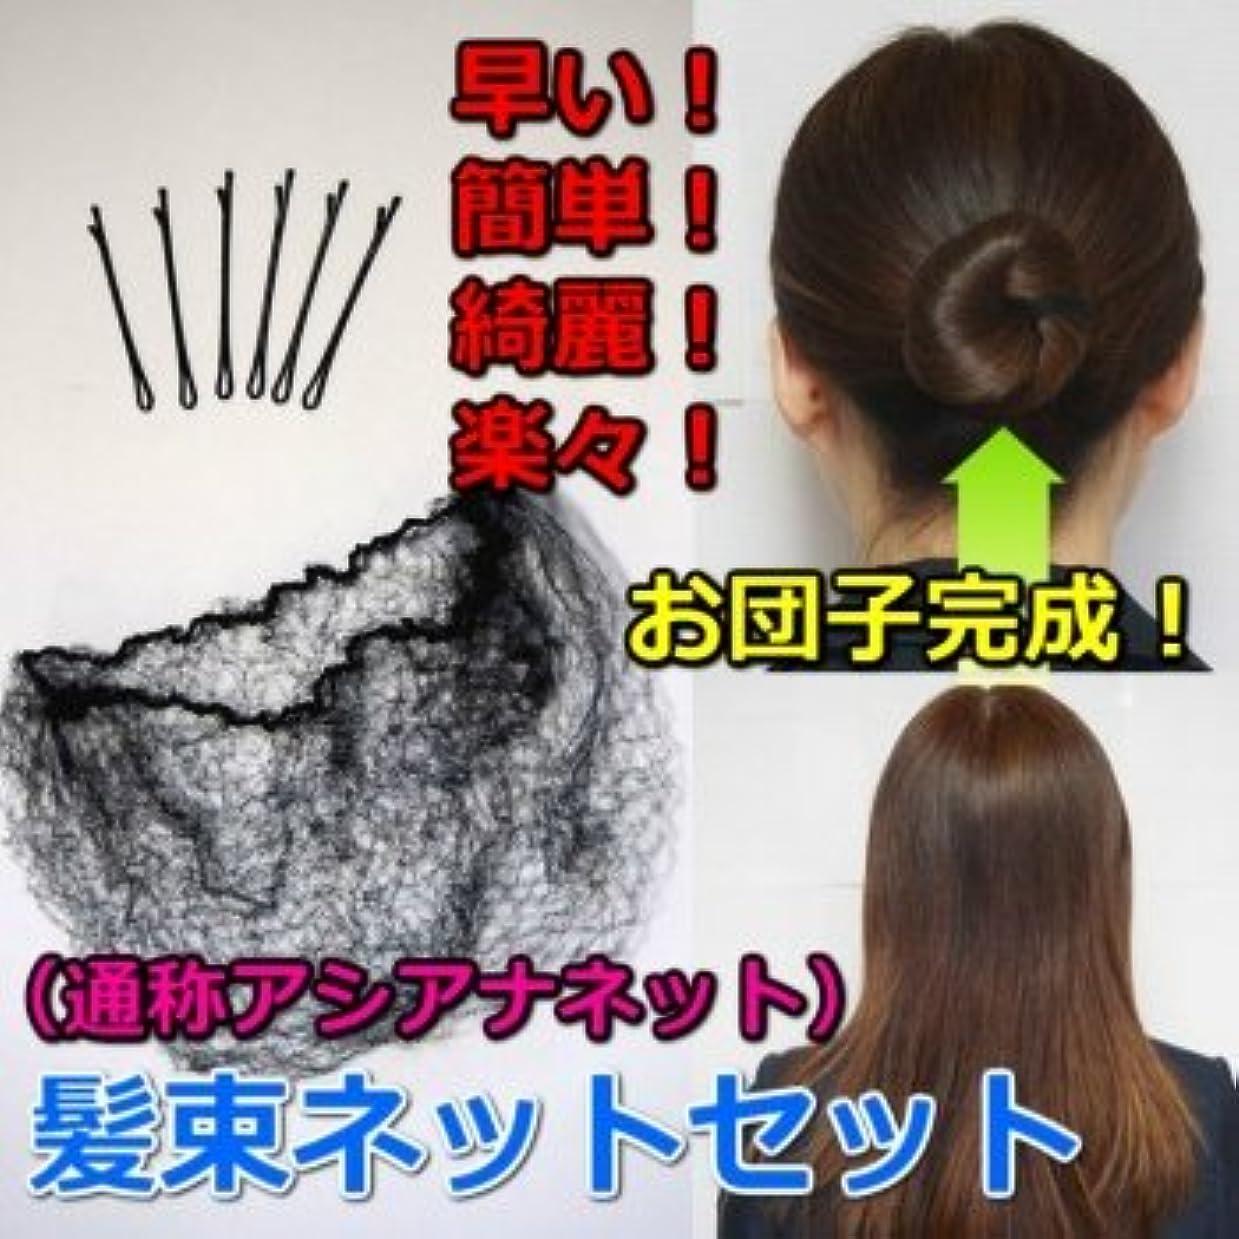 減少ワックスダルセット髪束ねネットセット(アシアナネット) 50枚セット